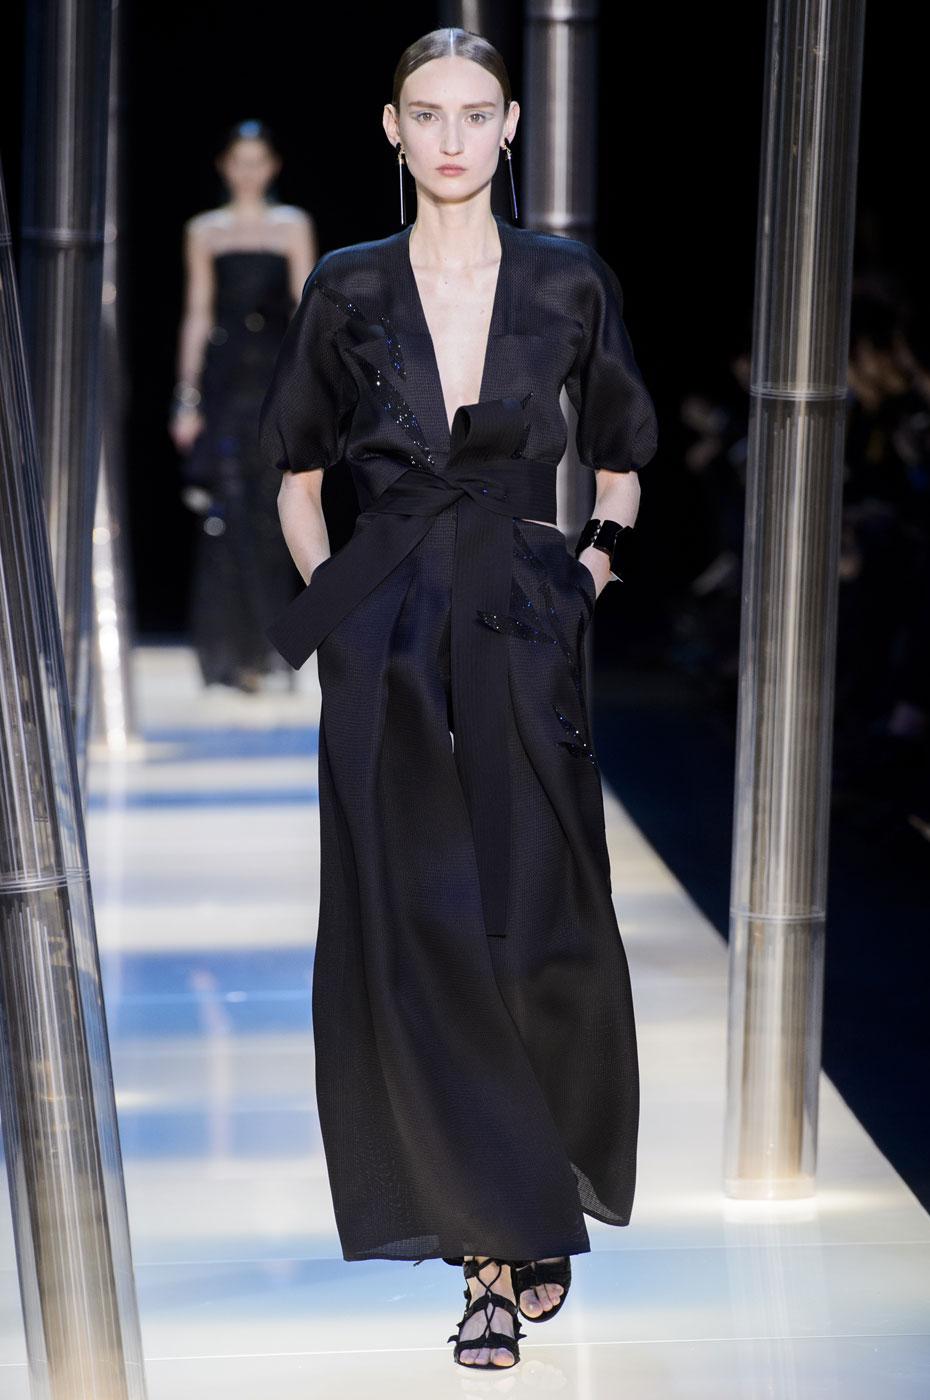 Giorgio-armani-Prive-fashion-runway-show-haute-couture-paris-spring-2015-the-impression-097